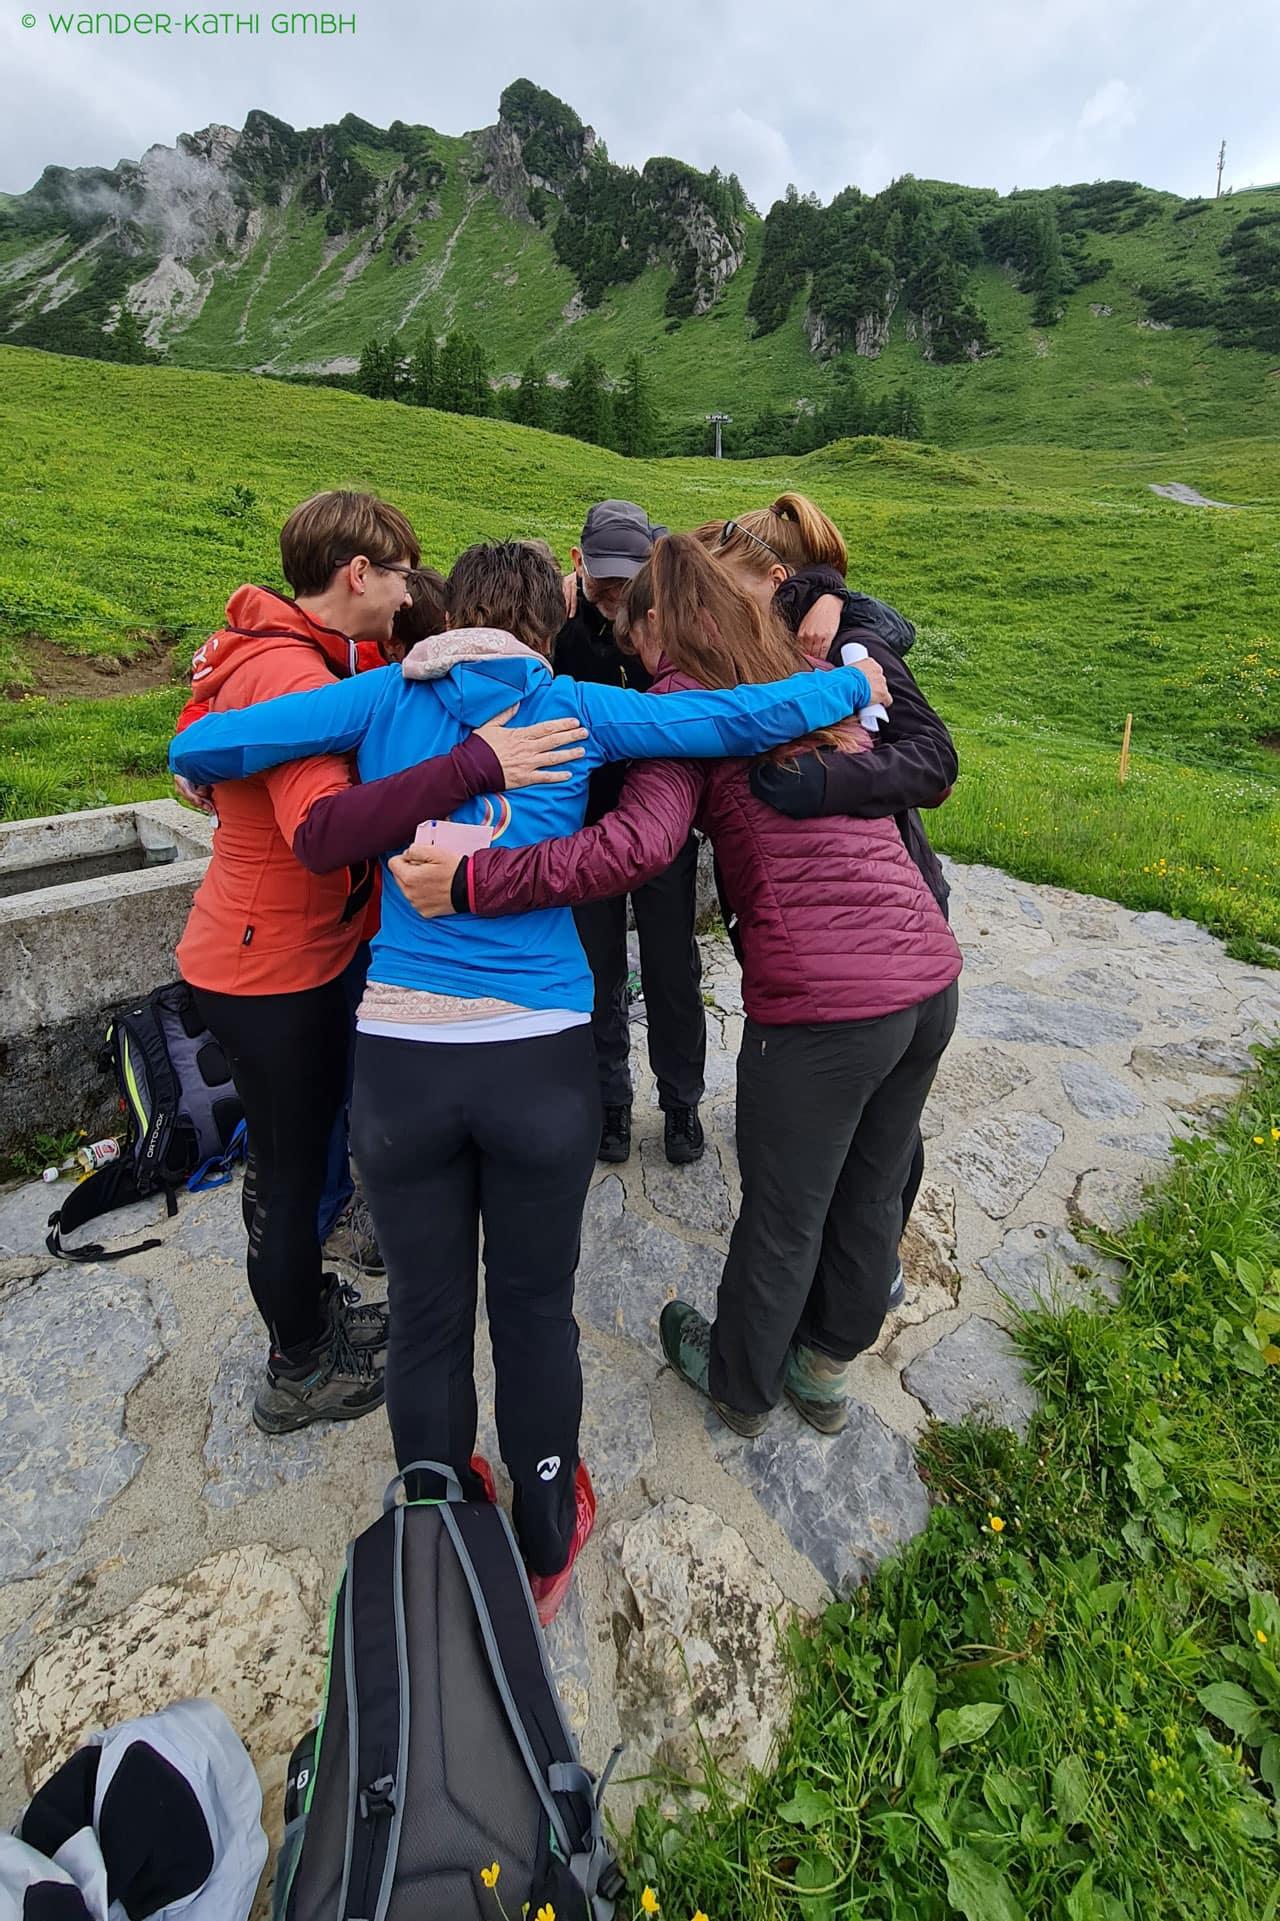 liechtenstein-wandern-teambuilding-harmonie-wander-kathi